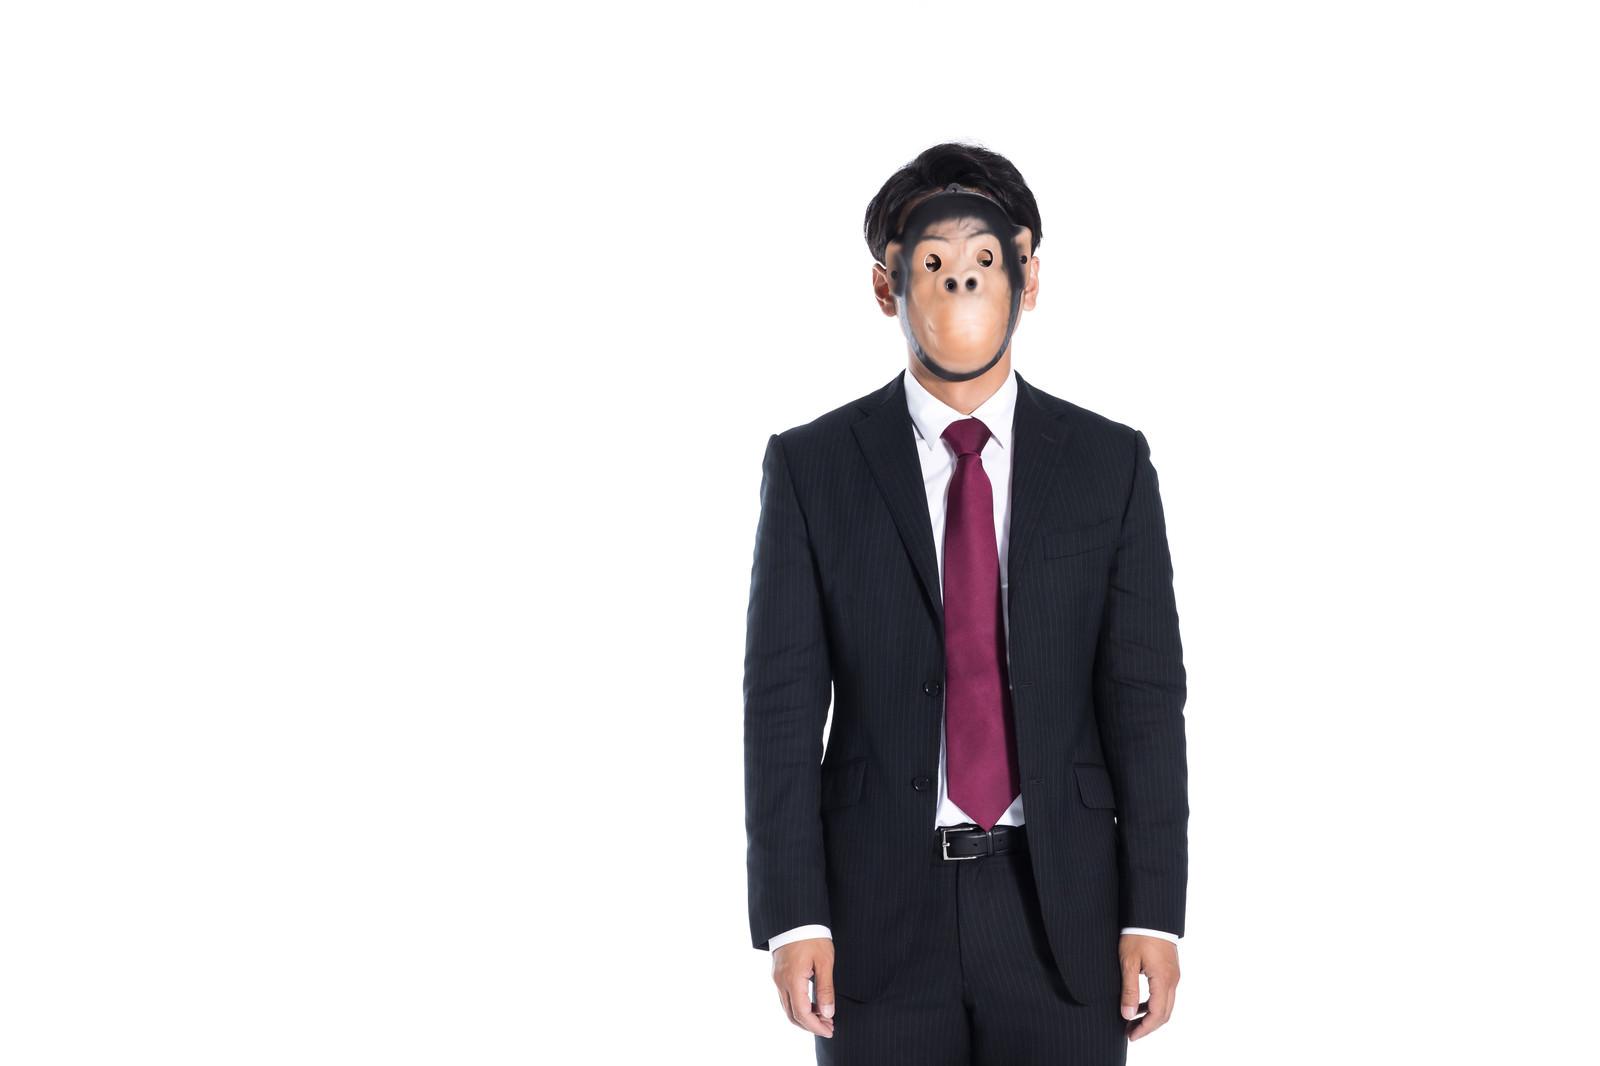 「傍観する匿名のクレーマー」の写真[モデル:大川竜弥]